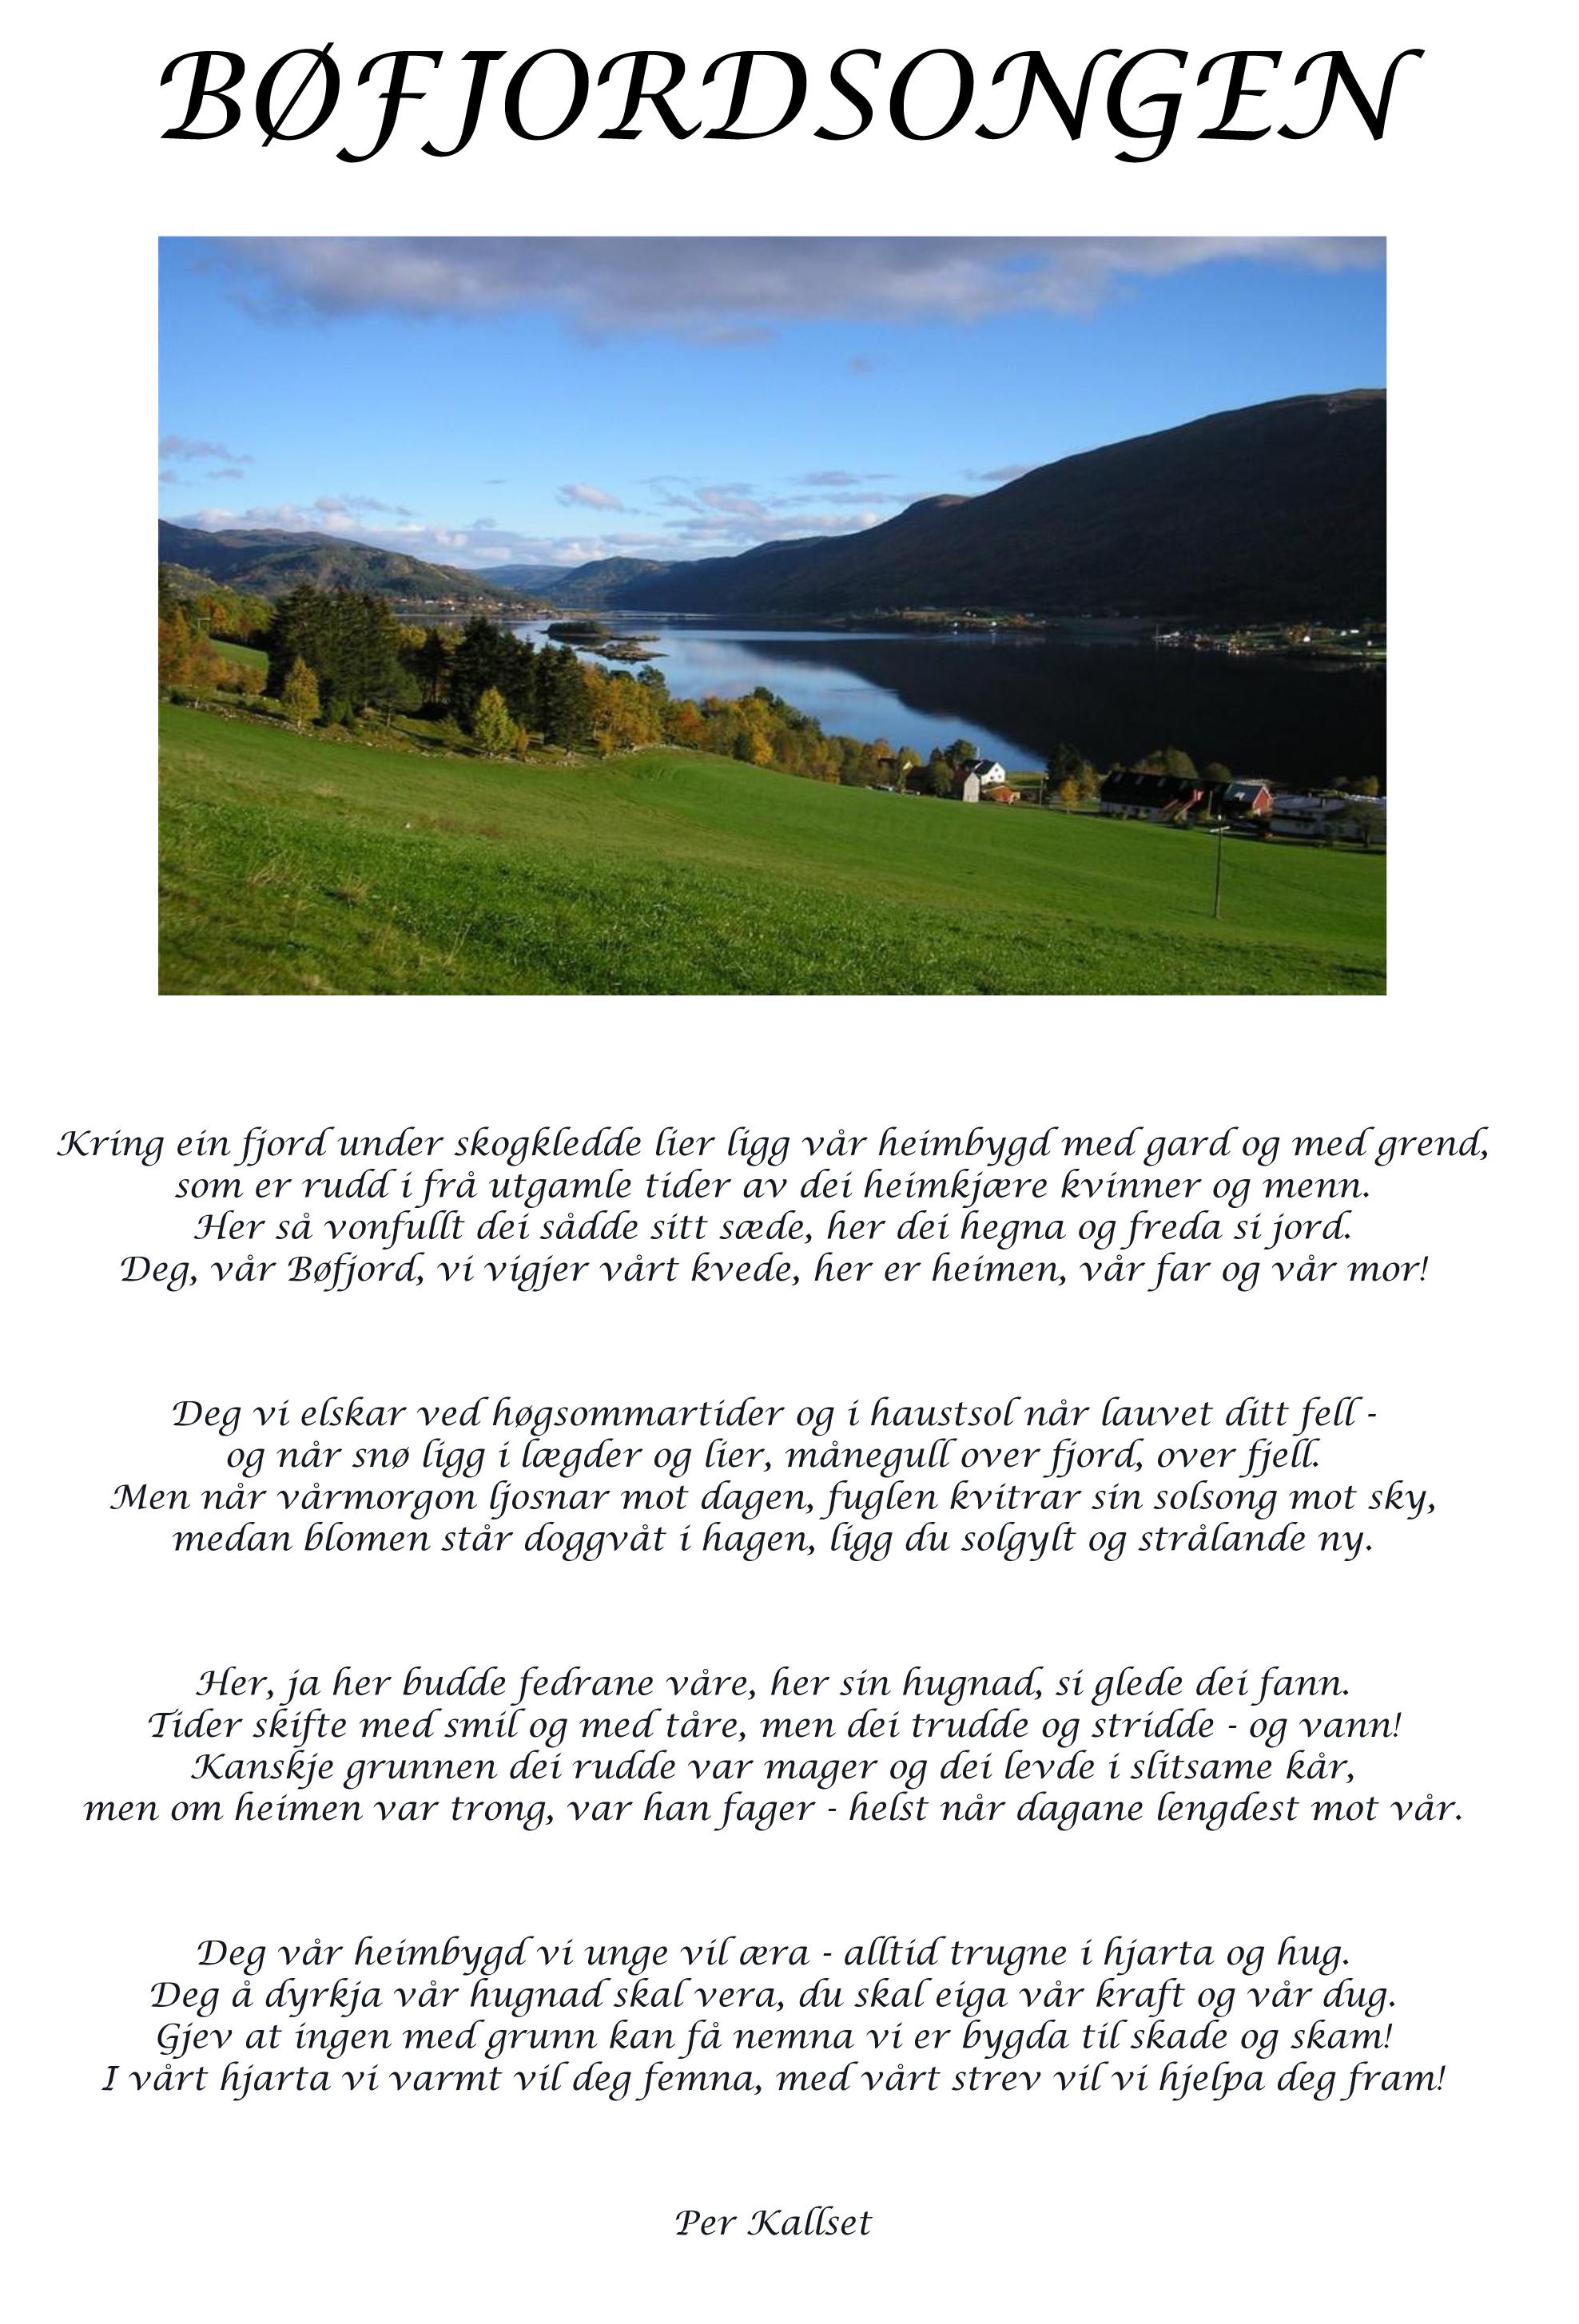 Bøfjordsongen.jpg